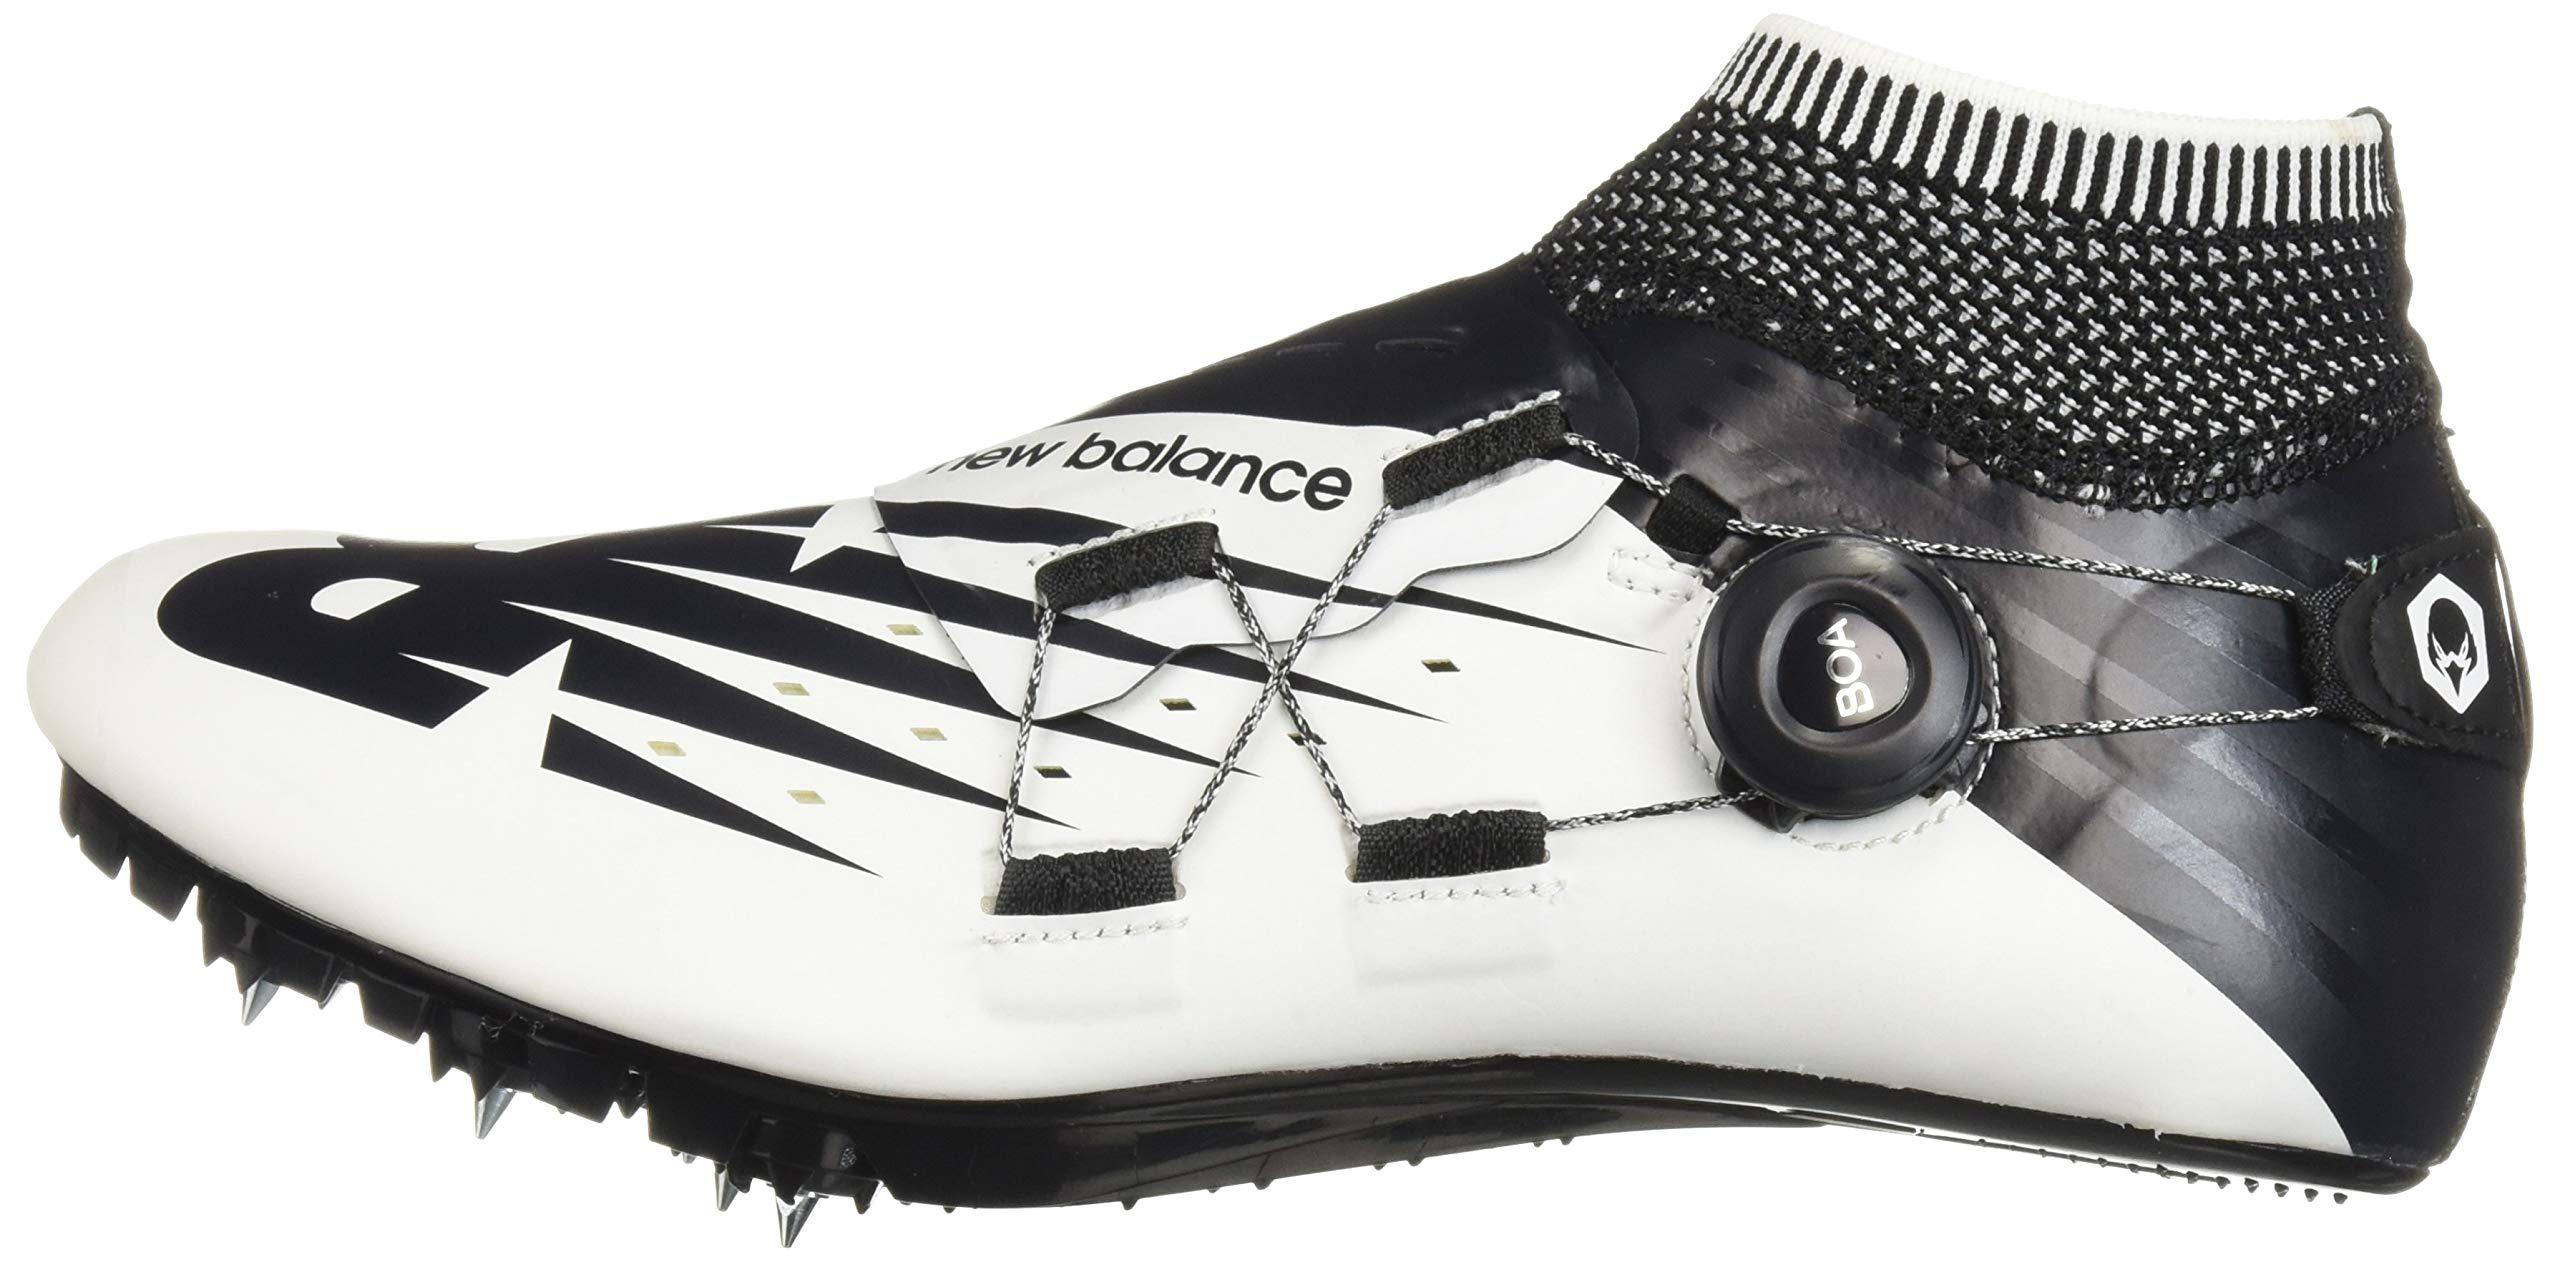 New Balance Men's Sigma V2 Vazee Track Shoe White/Black 4 D US by New Balance (Image #5)